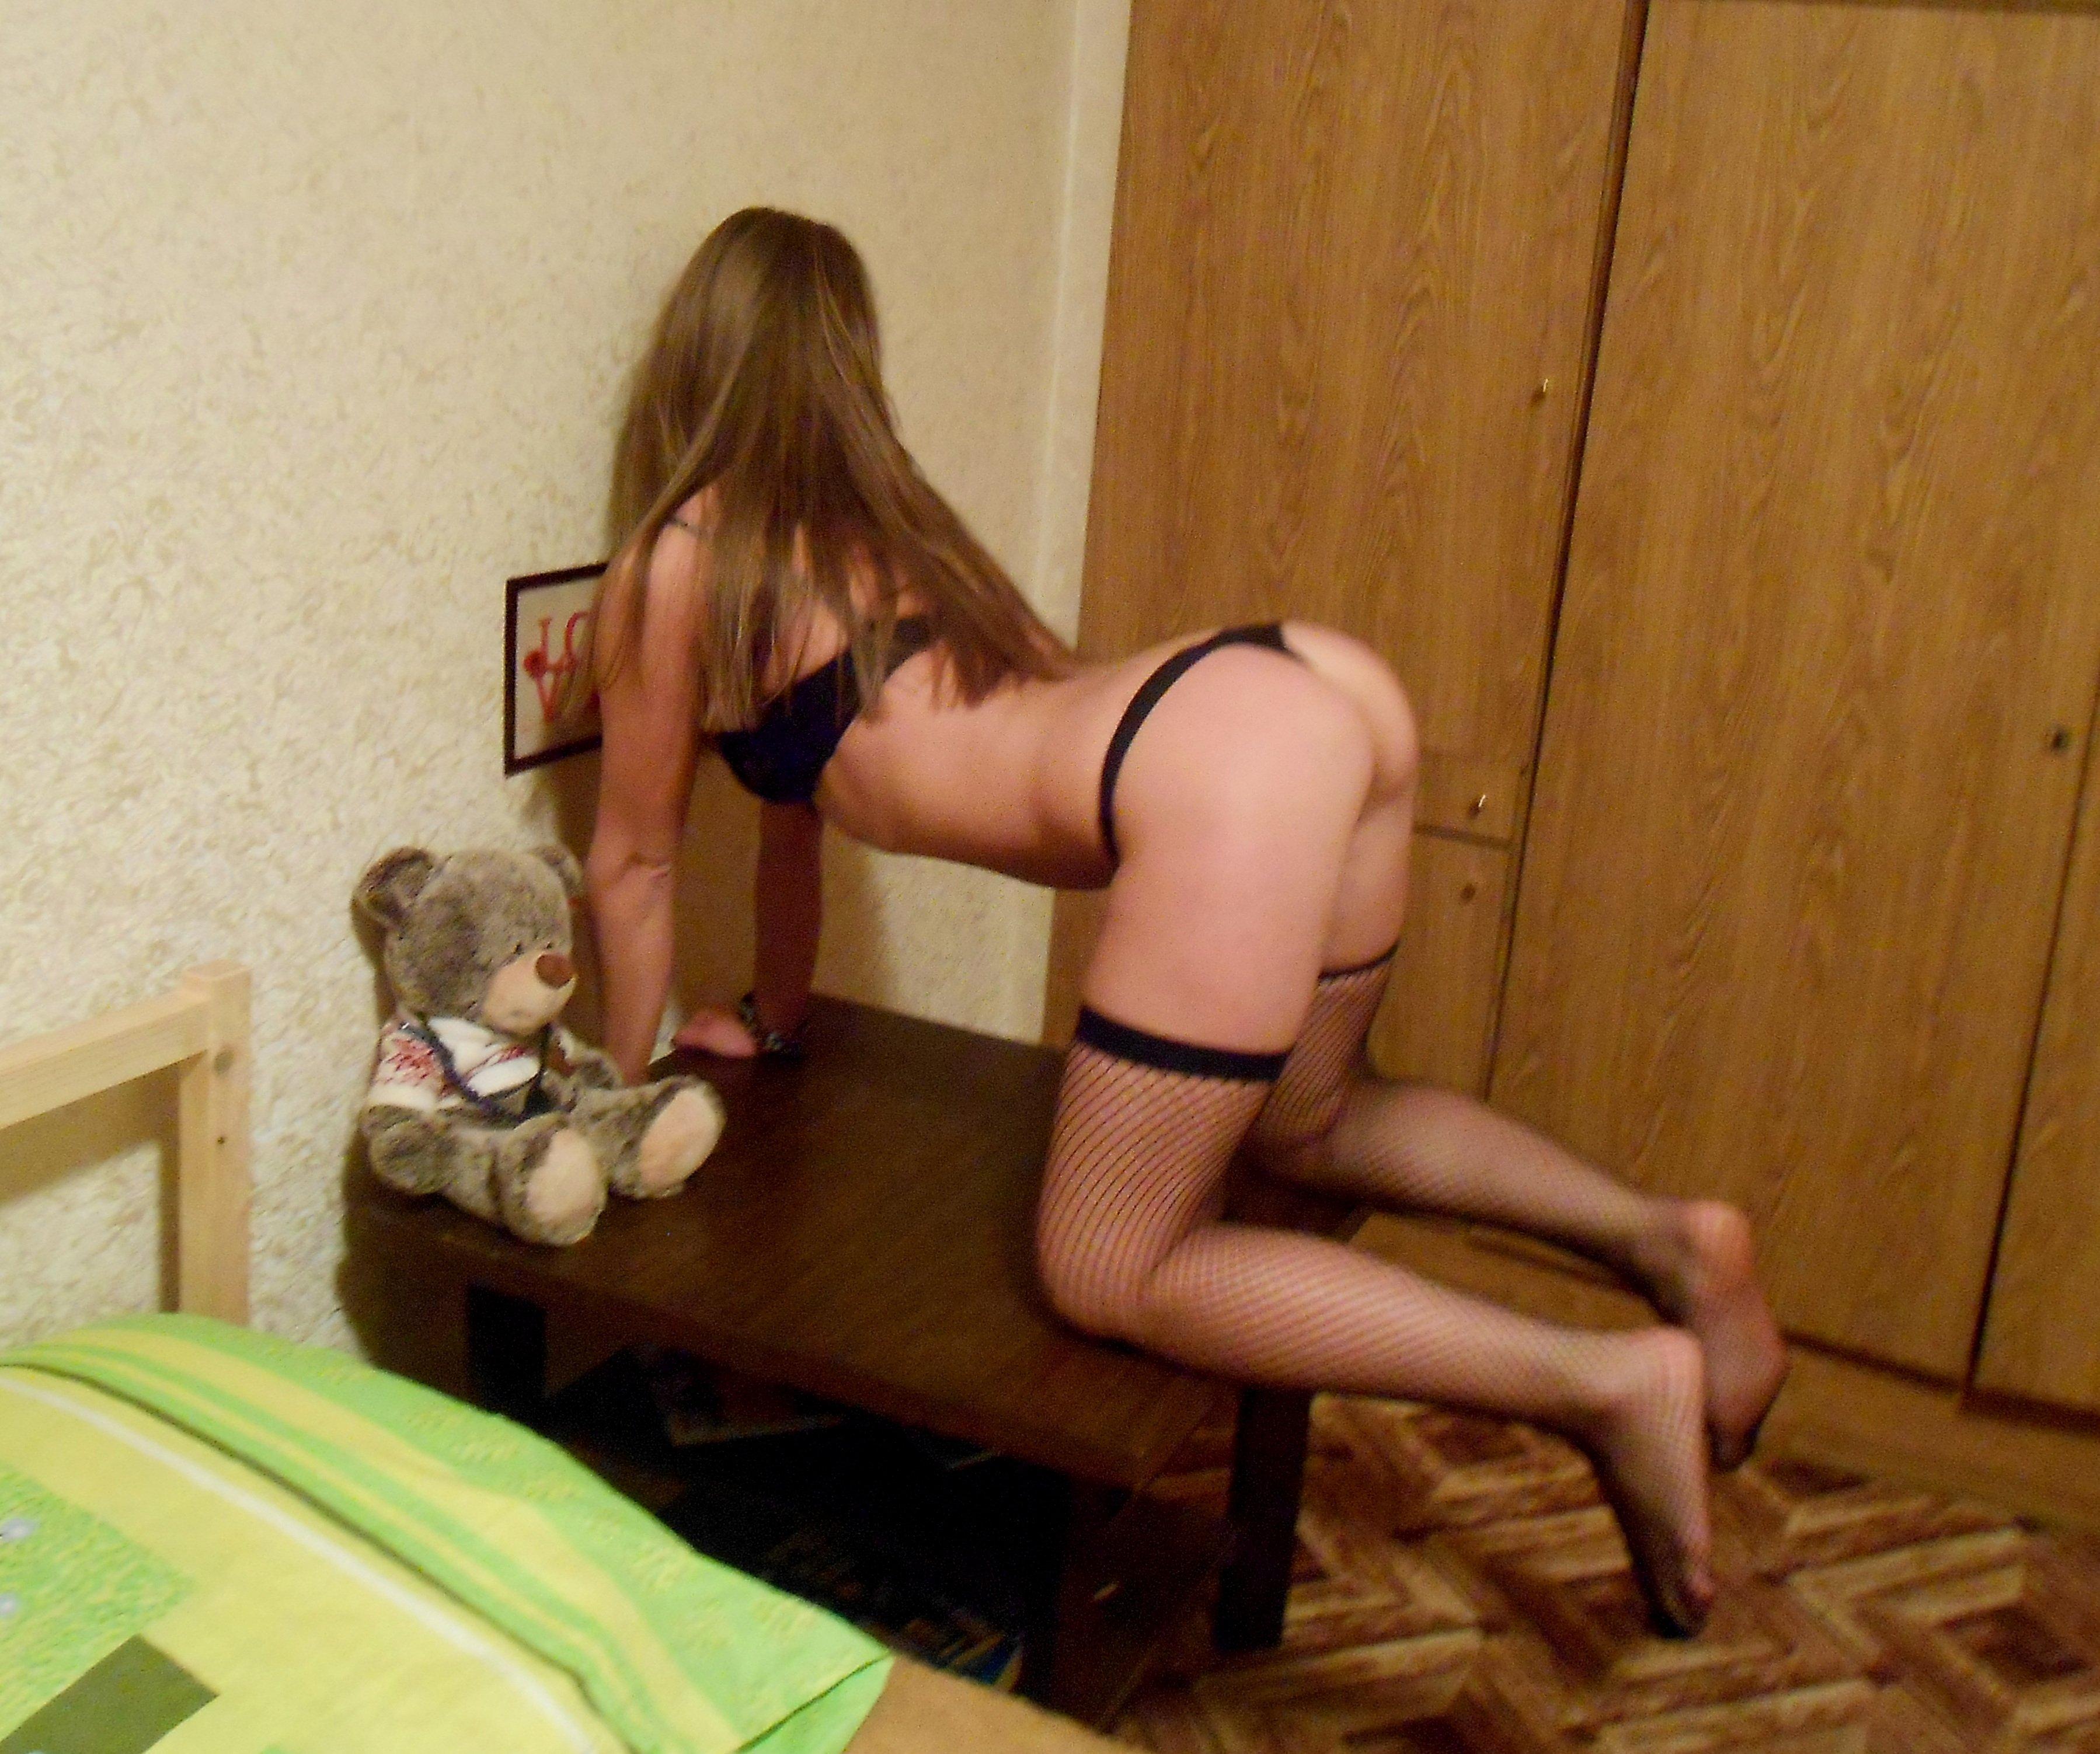 Проститутка натурой